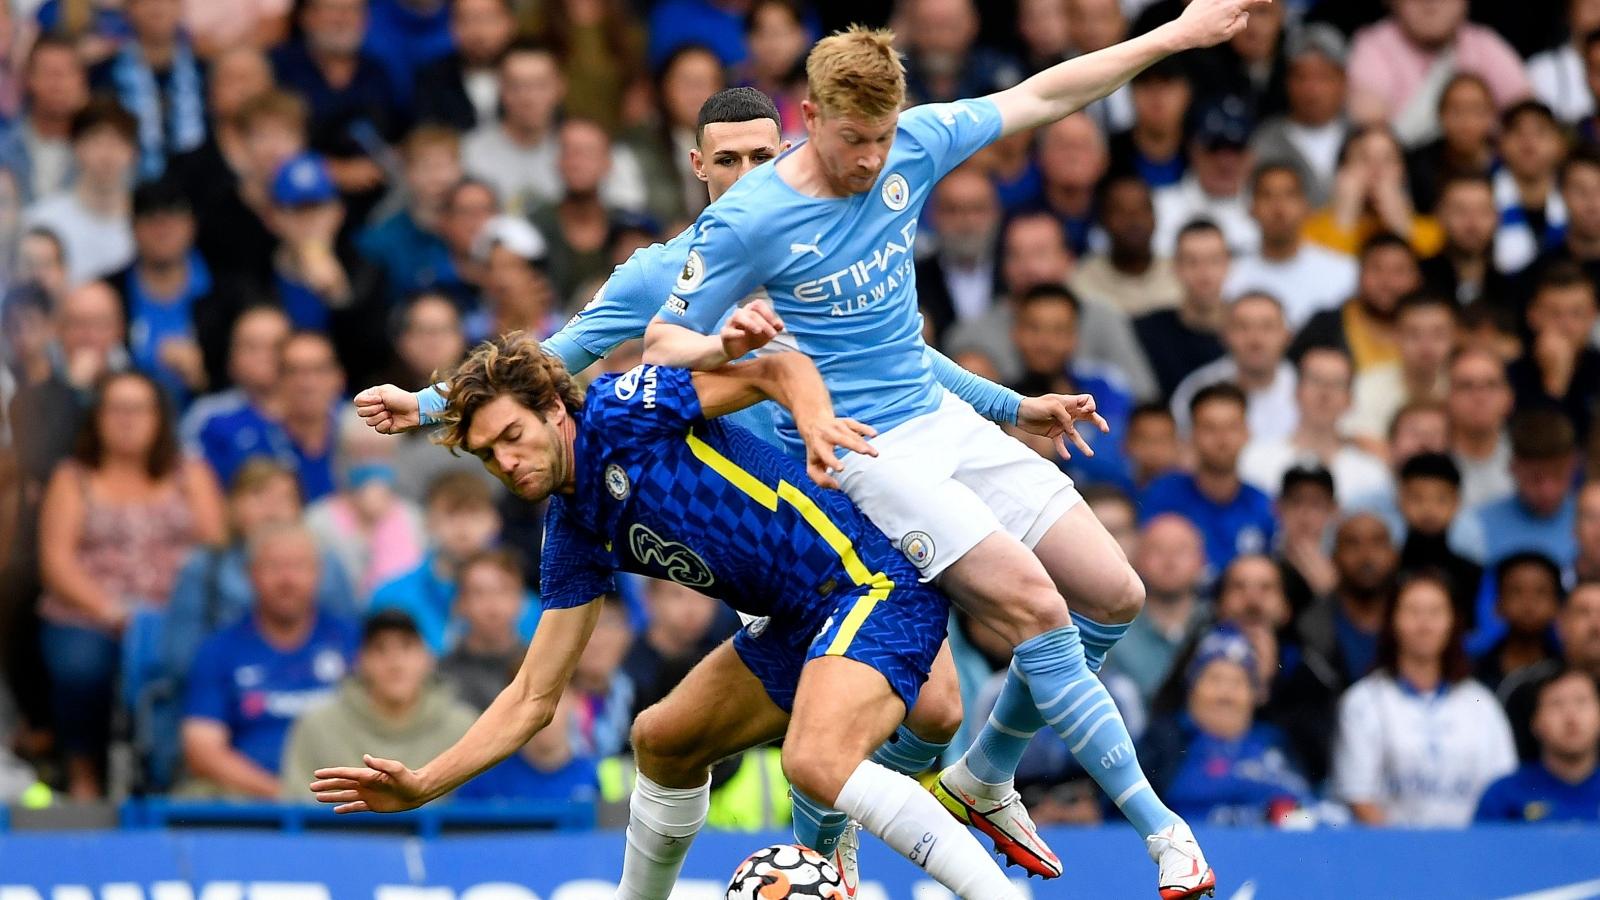 Trực tiếp Chelsea 0-0 Man City: Chờ hiệp 2 bùng nổ